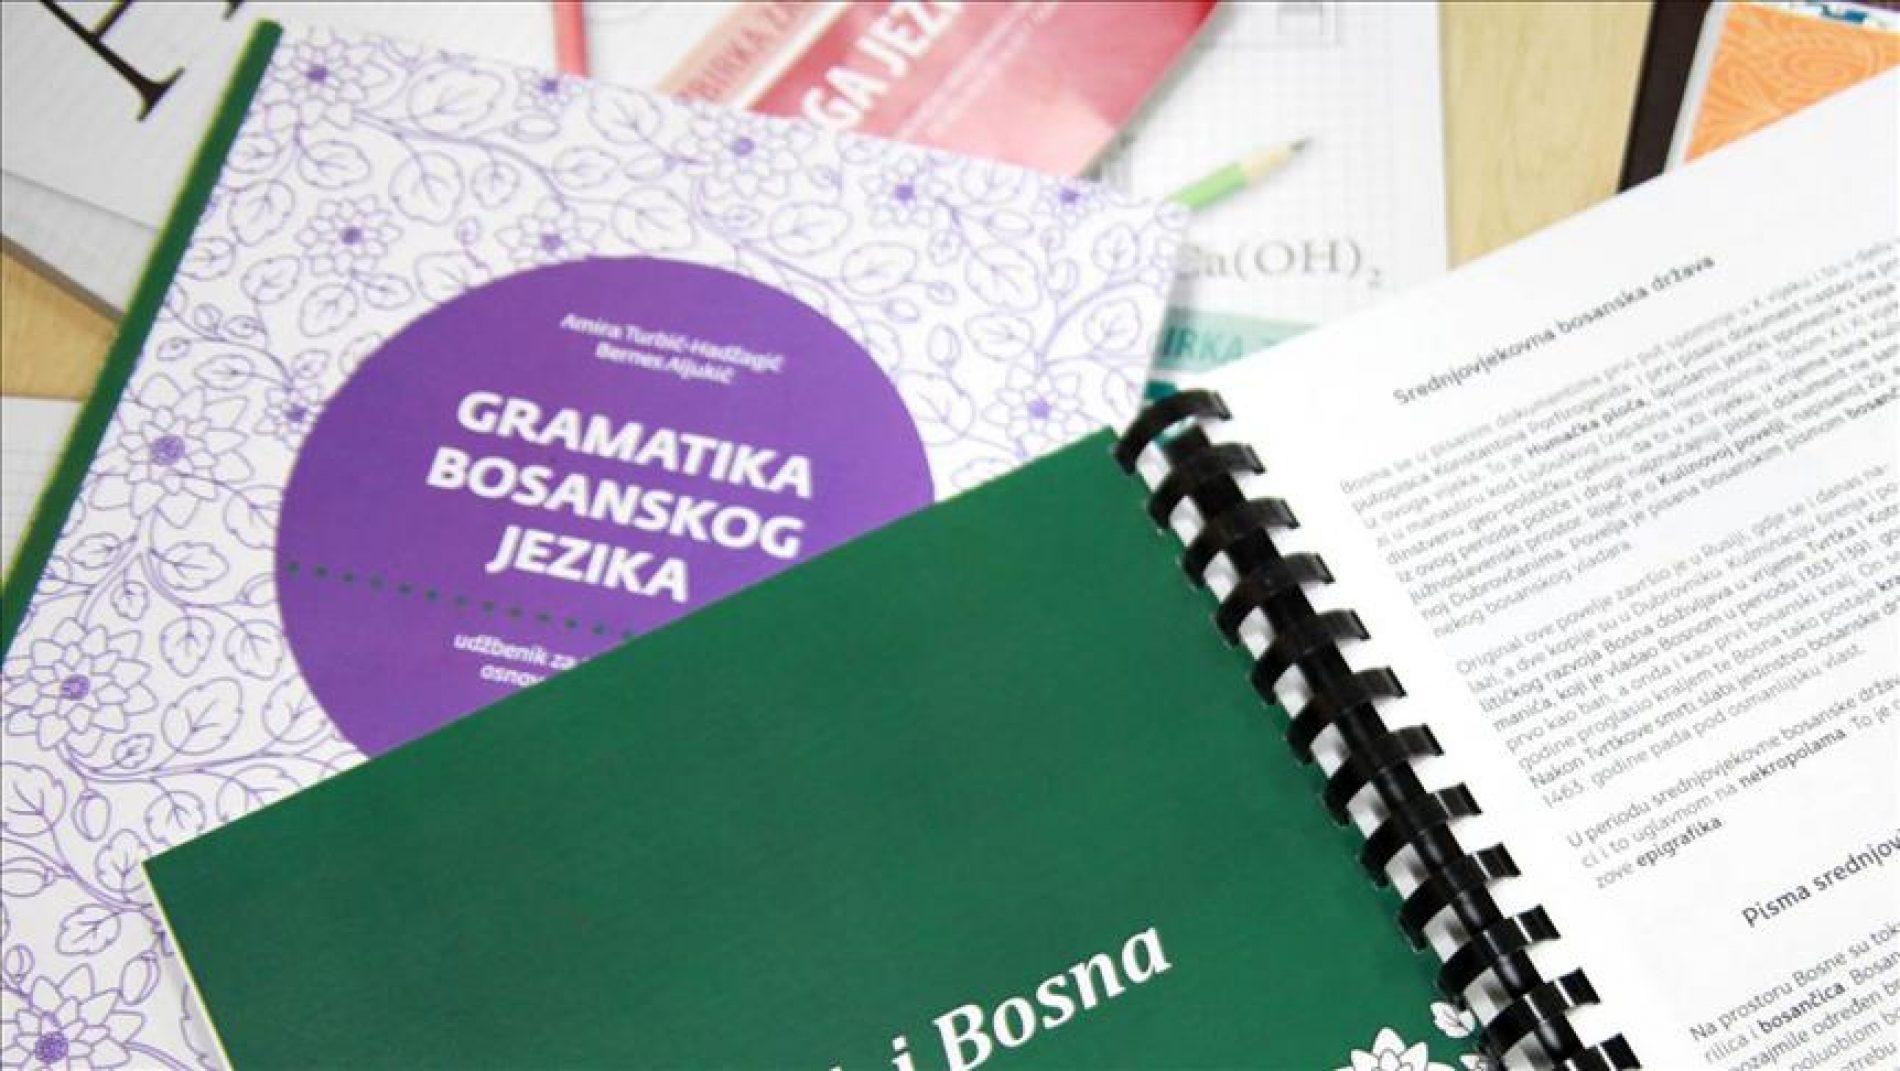 Skoplje: Bosanski jezik dio redovnog osnovnog obrazovanja